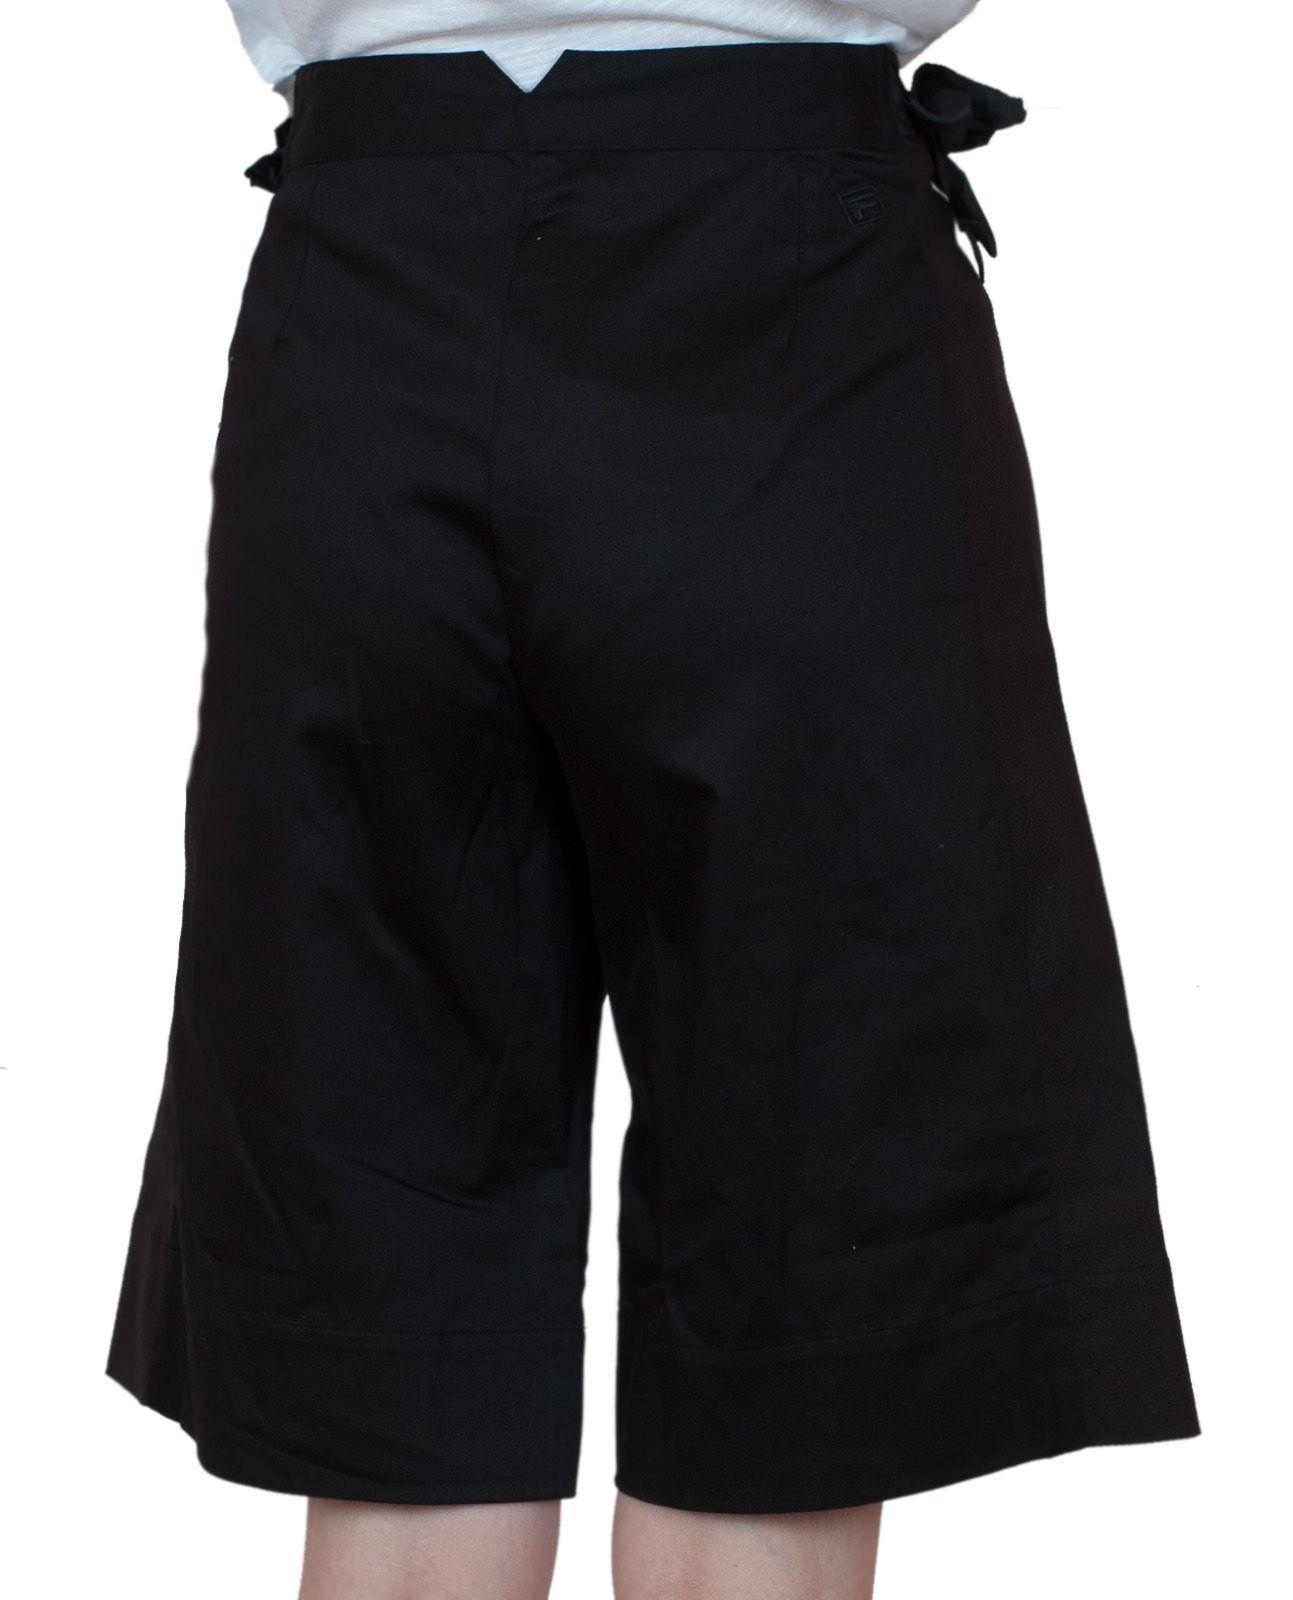 Длинные женские шорты Fila - вид сзади